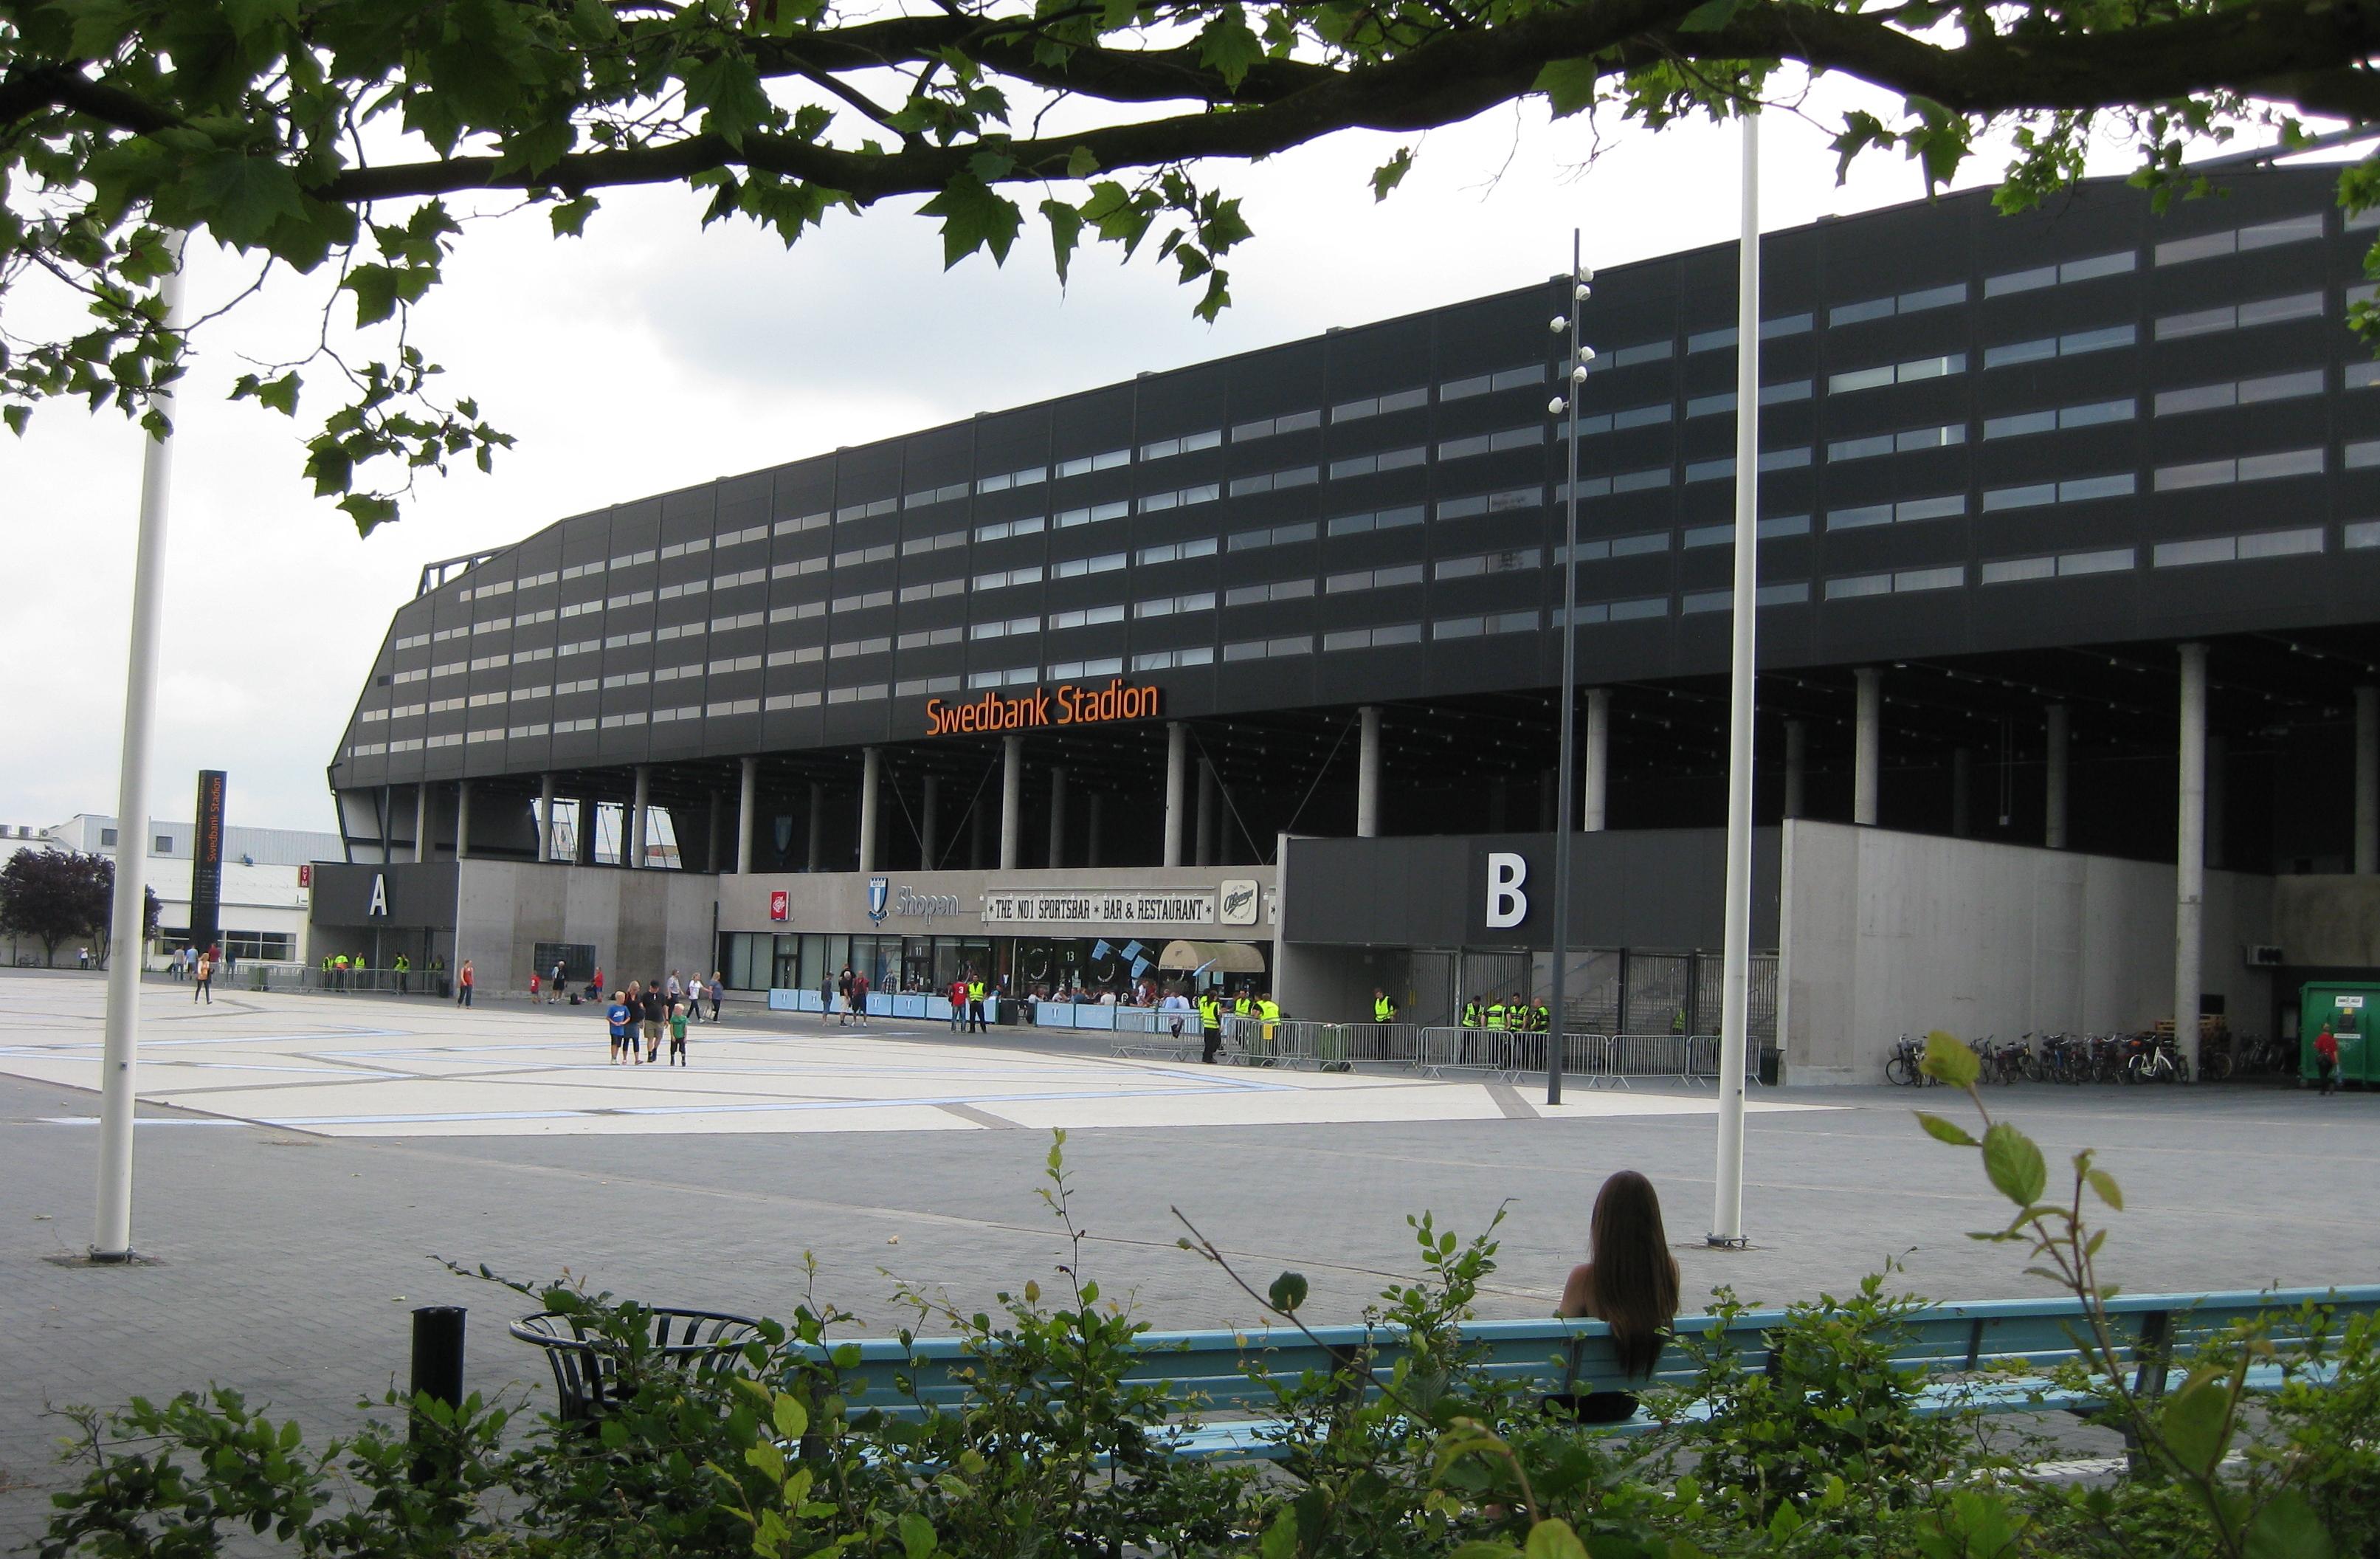 polizei zentrsle grünwalder stadion